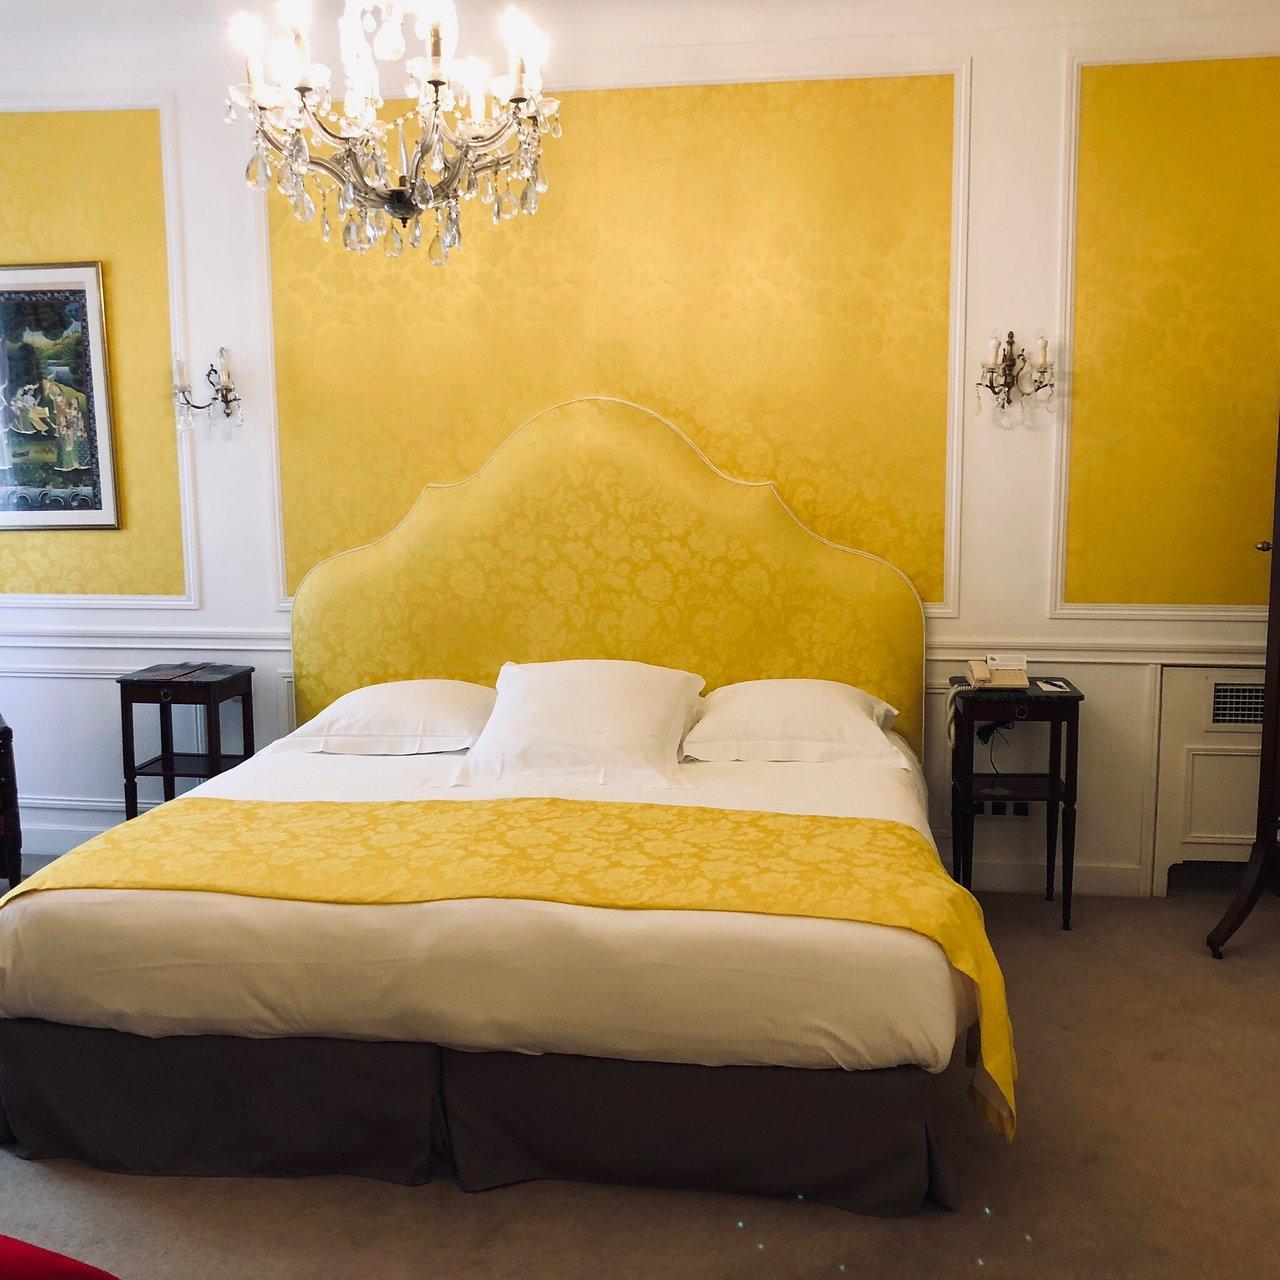 Poiché è un'area così intima e privata, la camera da letto può avere delle splendidi pareti d'accento brillanti. Camere Molto Belle E Raffinate Spaziose E Puliti Servizio Ottimo Personale Molto Gentile E P Picture Of Hotel Negresco Nice Tripadvisor